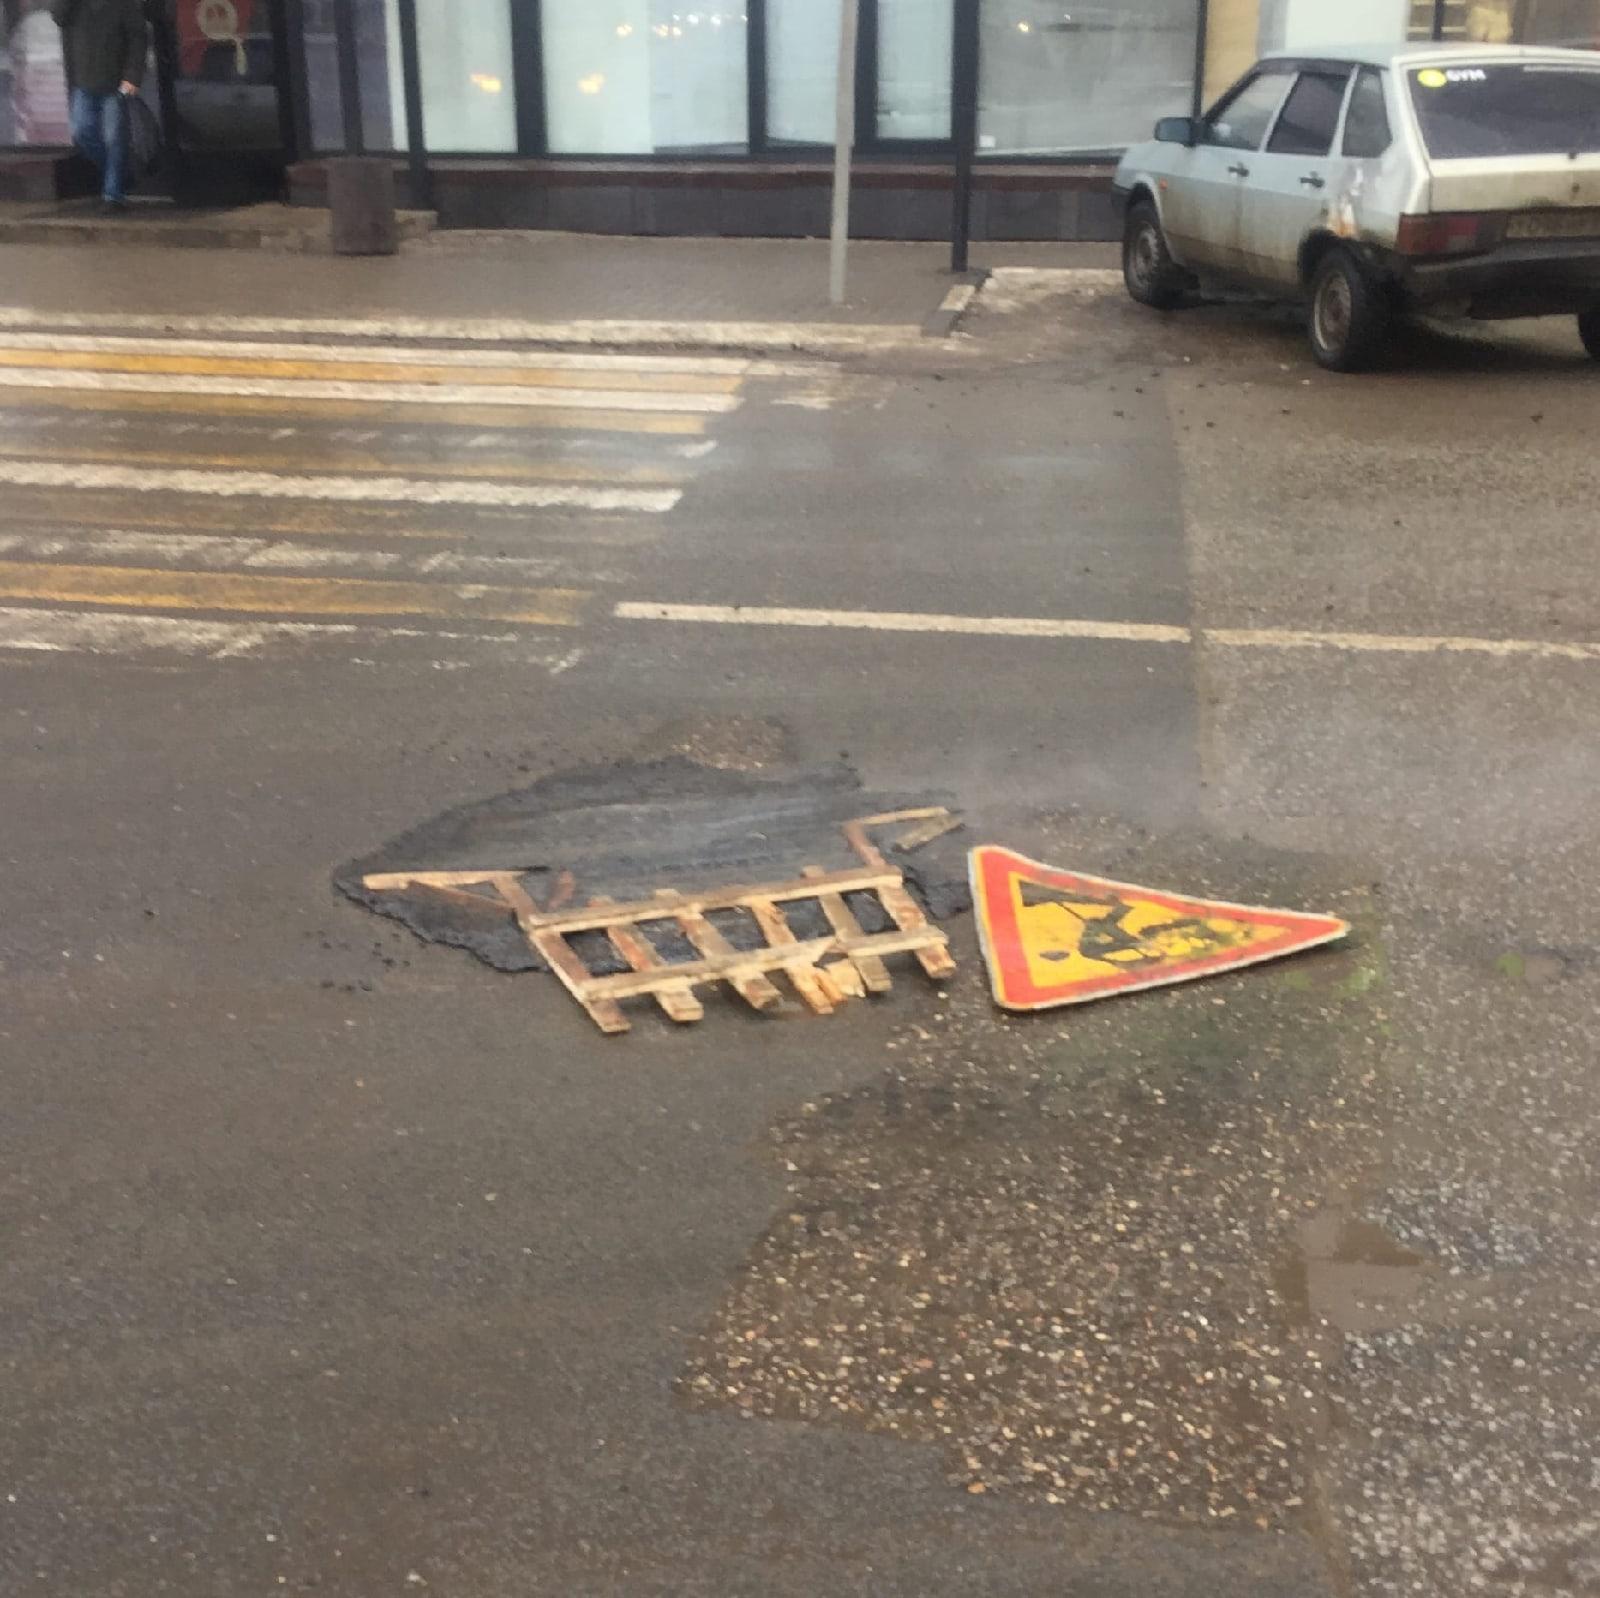 В Твери дыру посреди дороги заделали дорожным знаком и неизвестной субстанцией